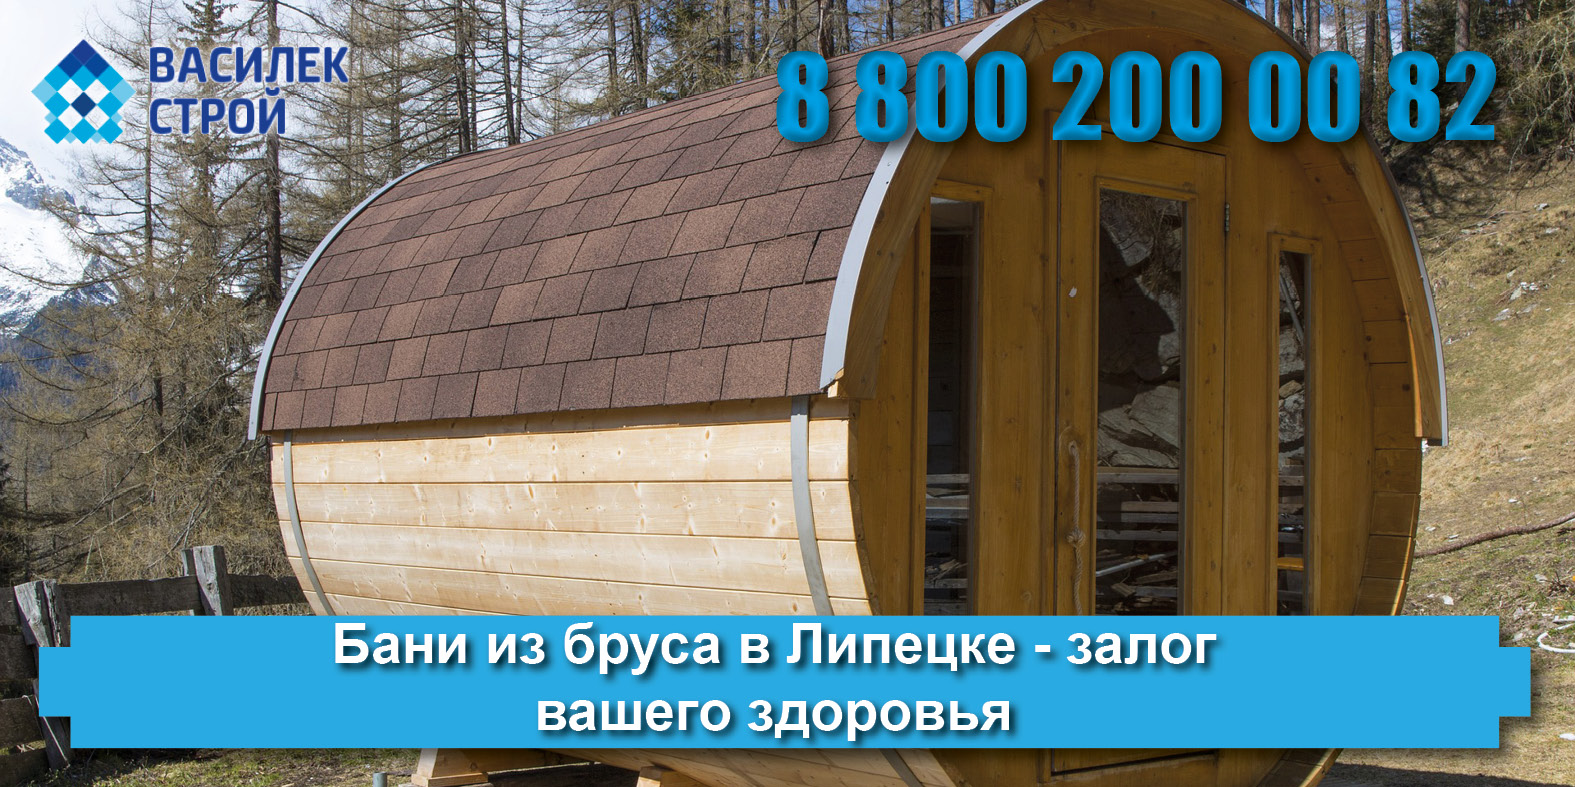 Как недорого построить бани из бруса в Липецке на высоком уровне качества